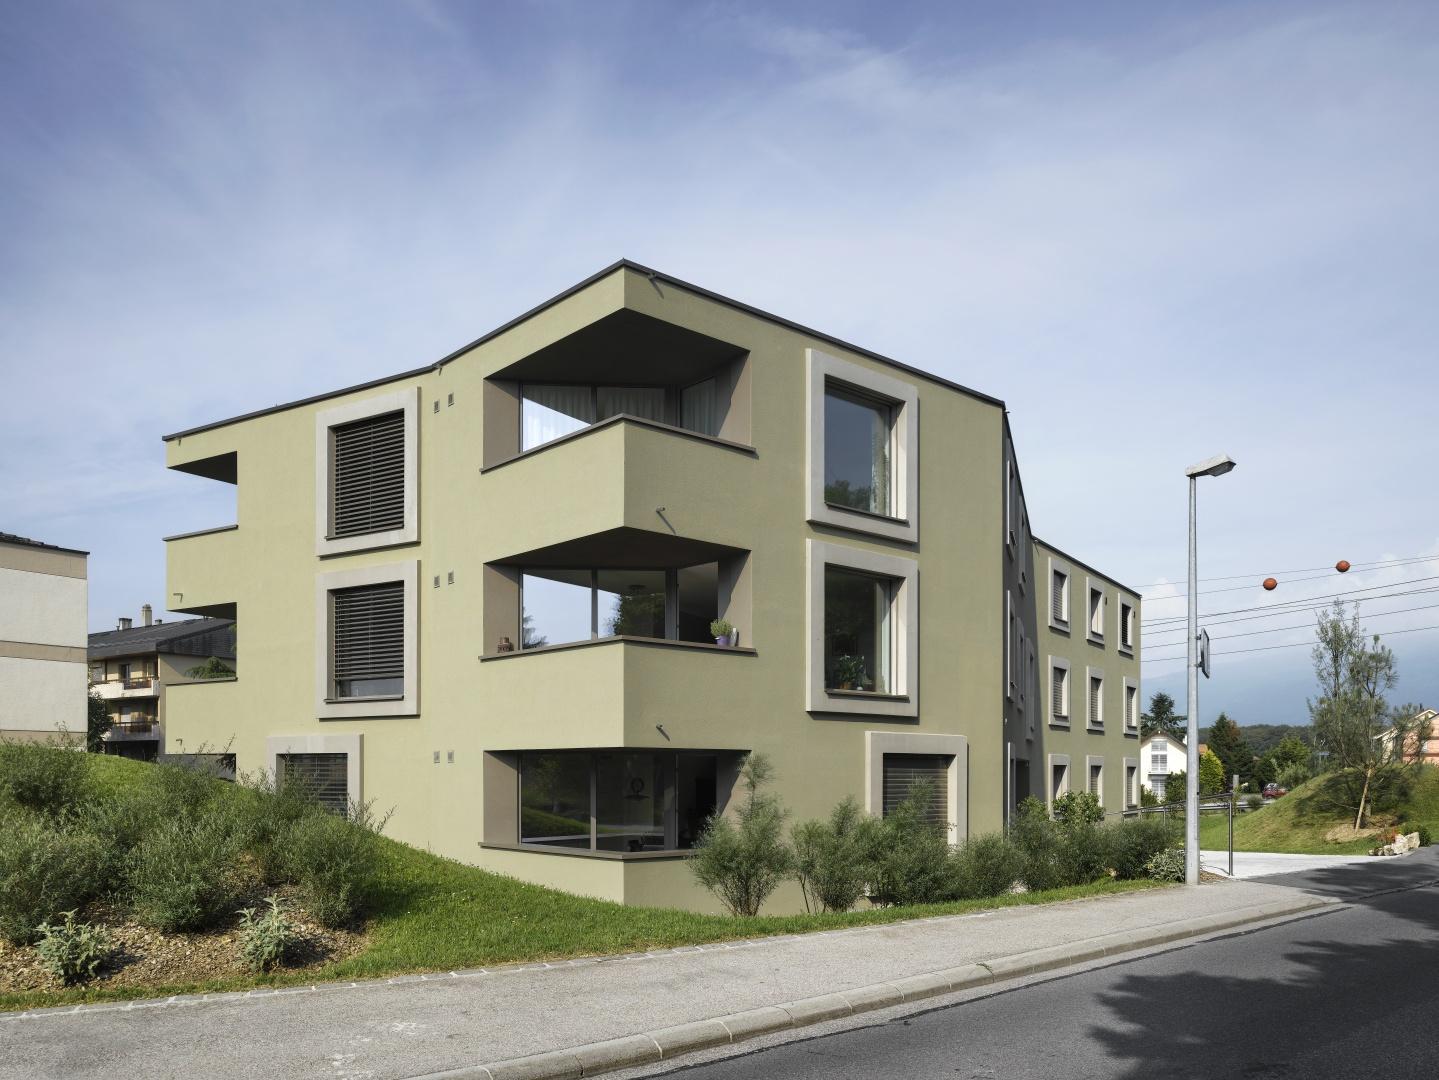 Logements prot g s les papillons documentation suisse for Architecture suisse